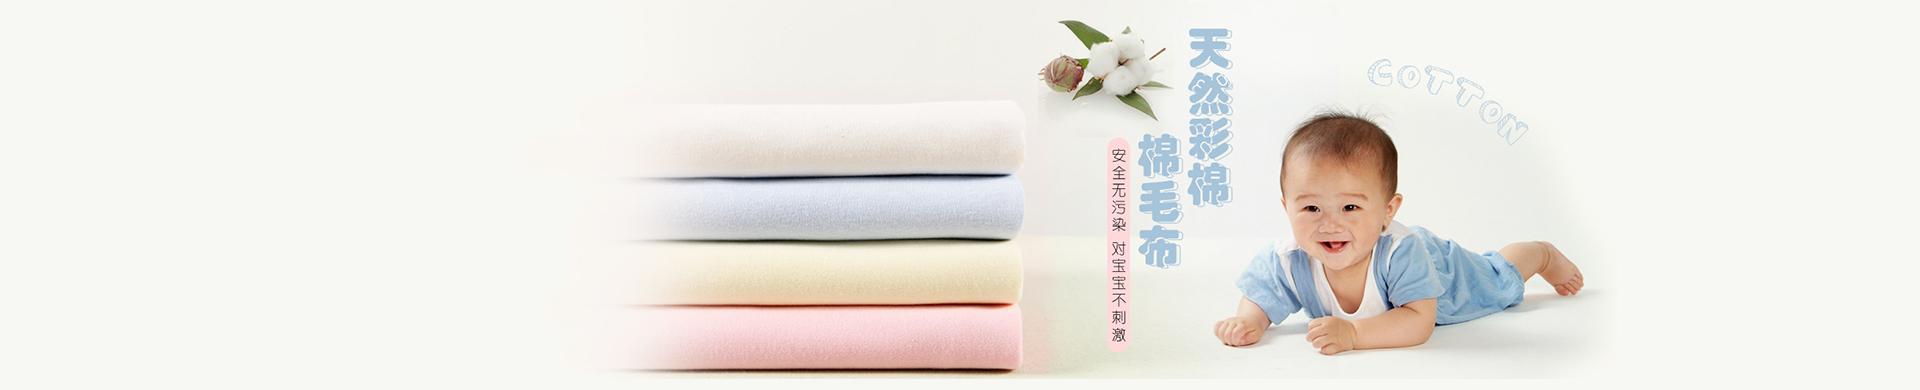 天然彩棉,棉毛布